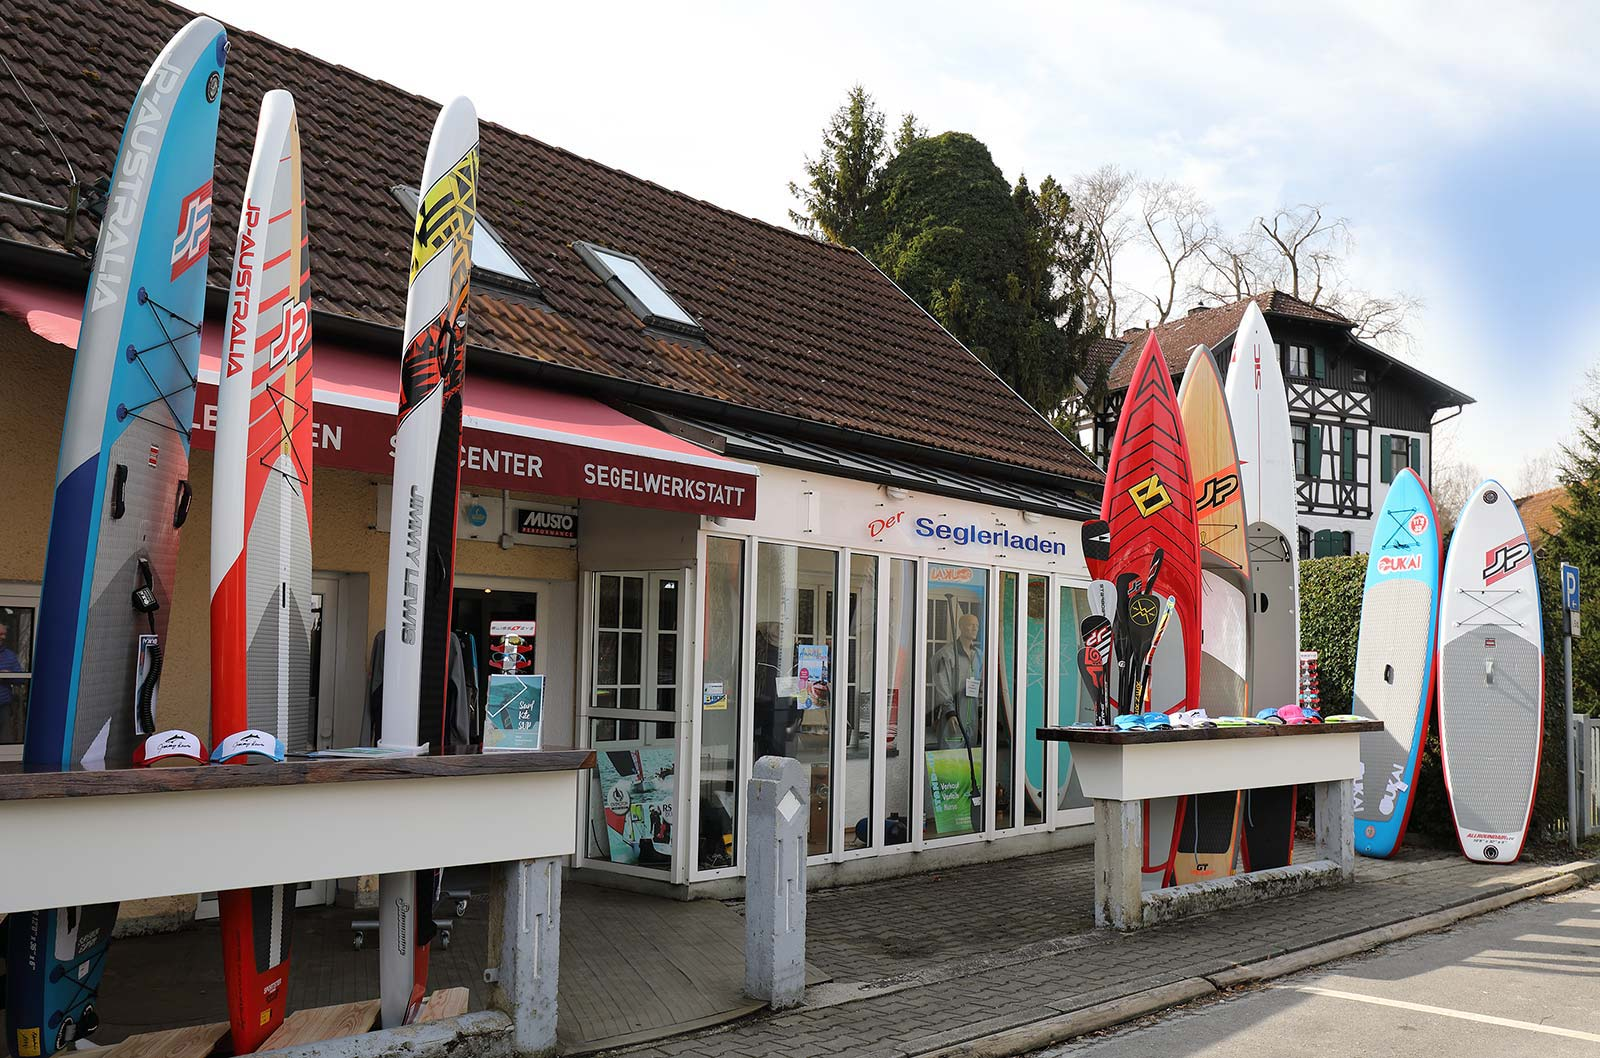 Shop, Seglerladen | Steinlechner Bootswerft, Utting am Ammersee